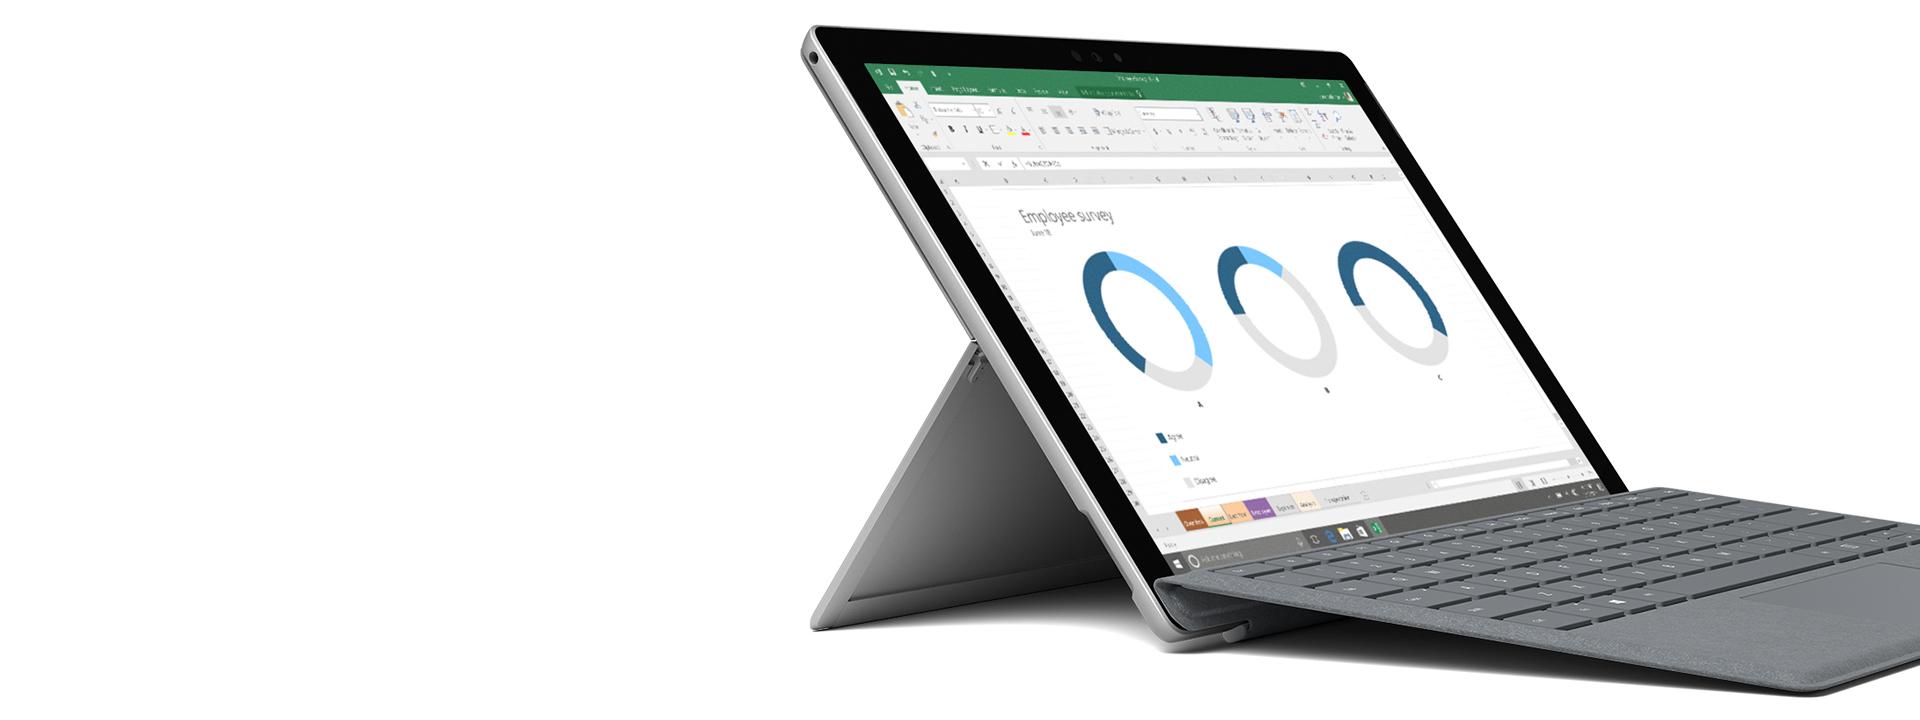 Surface-laite, jossa näkyy Windows/Office-näyttökuva.